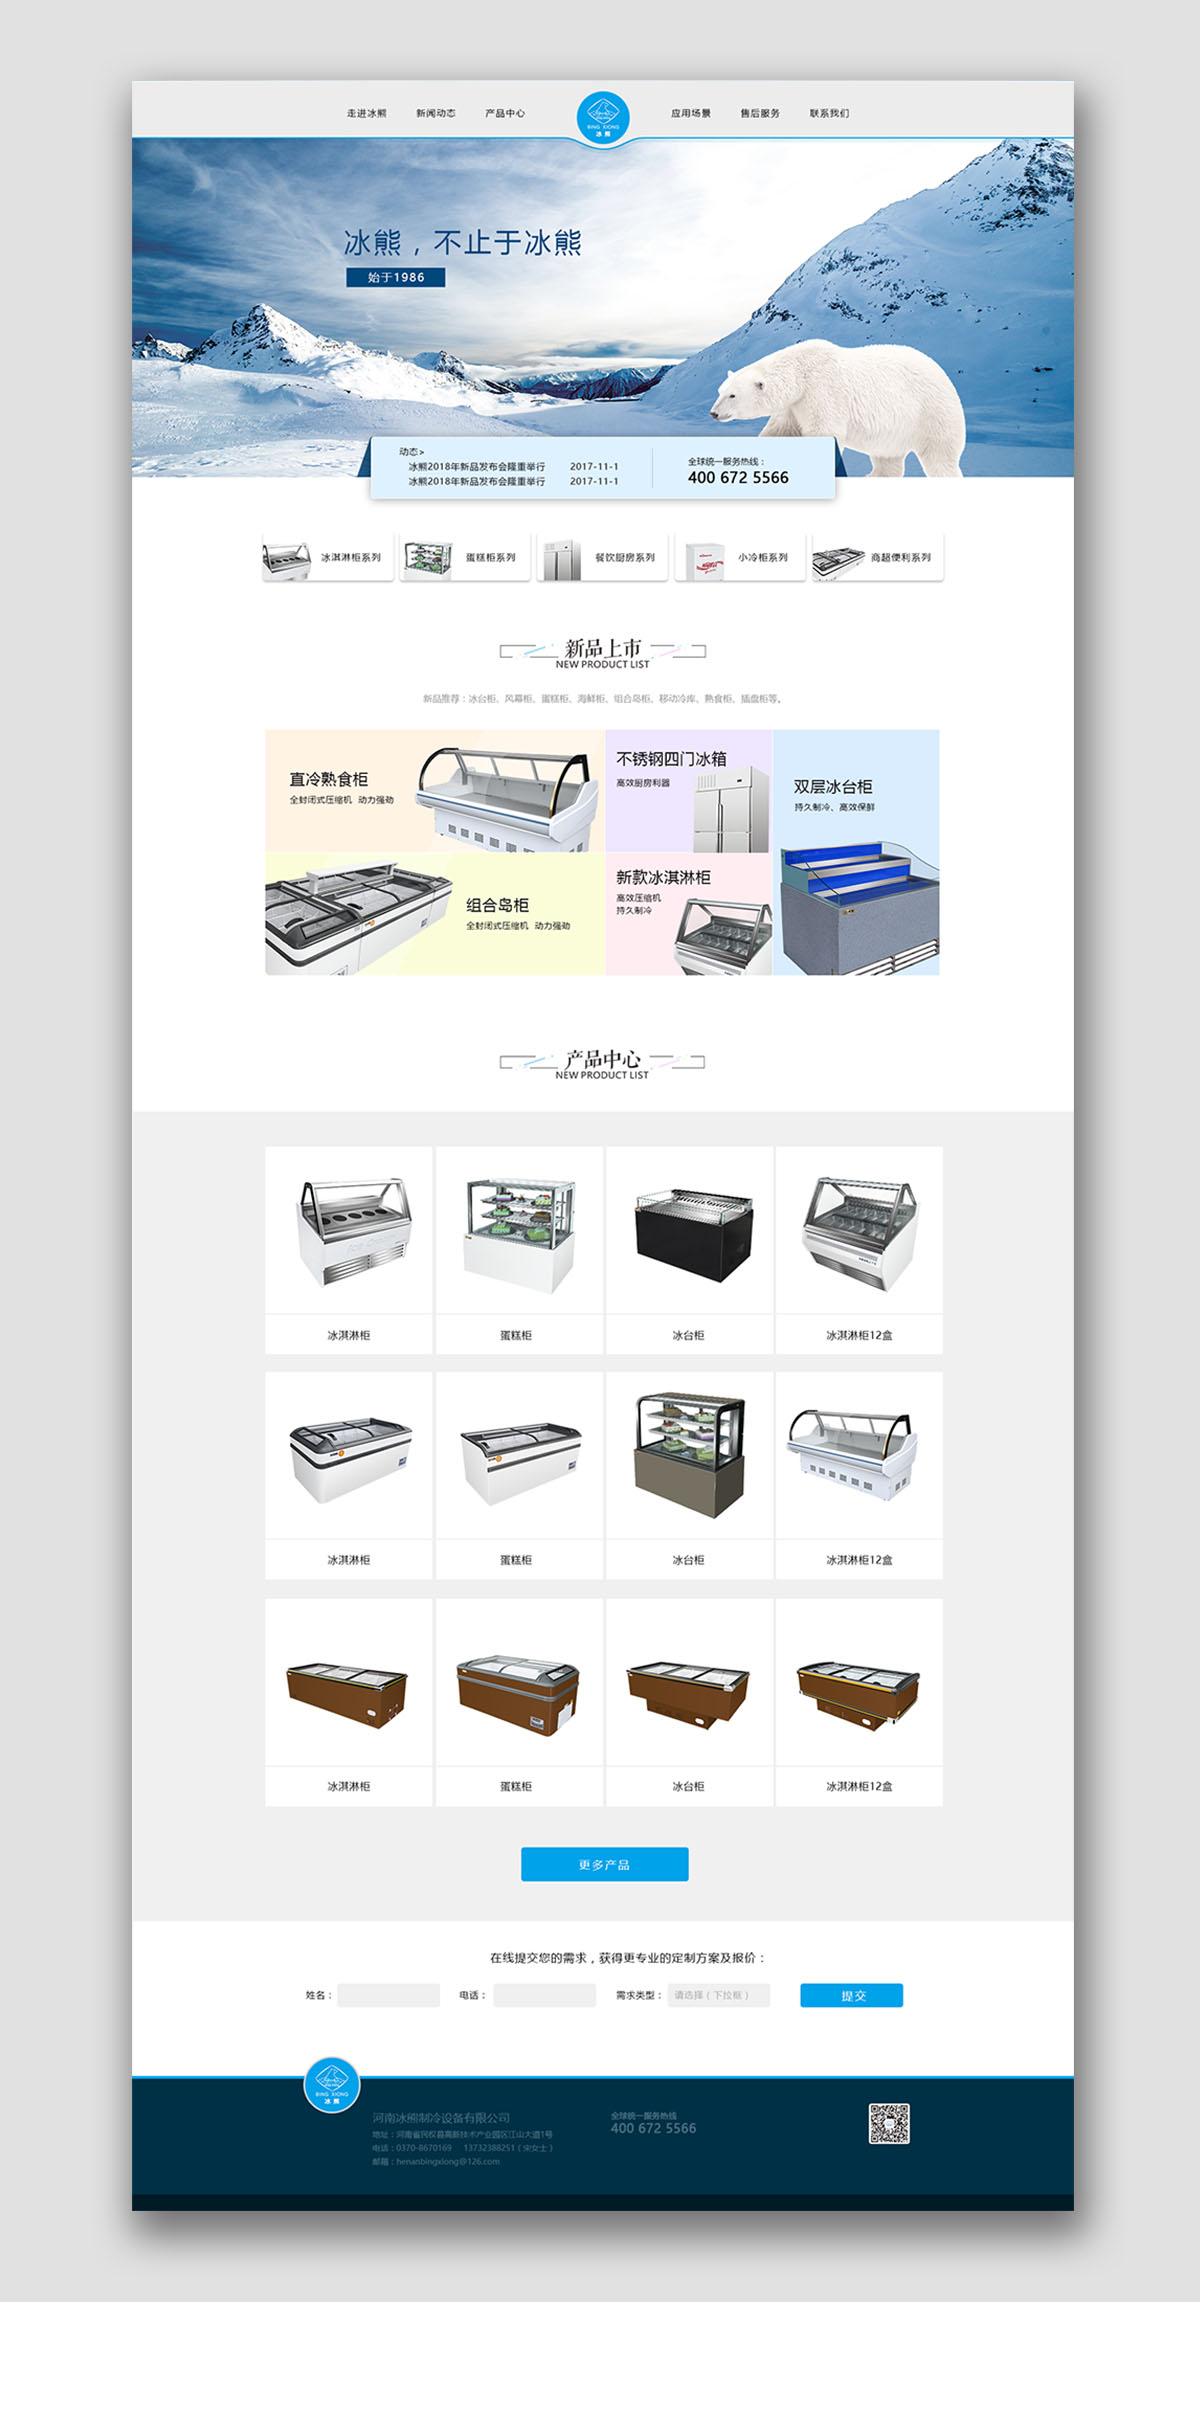 冰熊制冷企业官网建设网页设计产品拍摄2